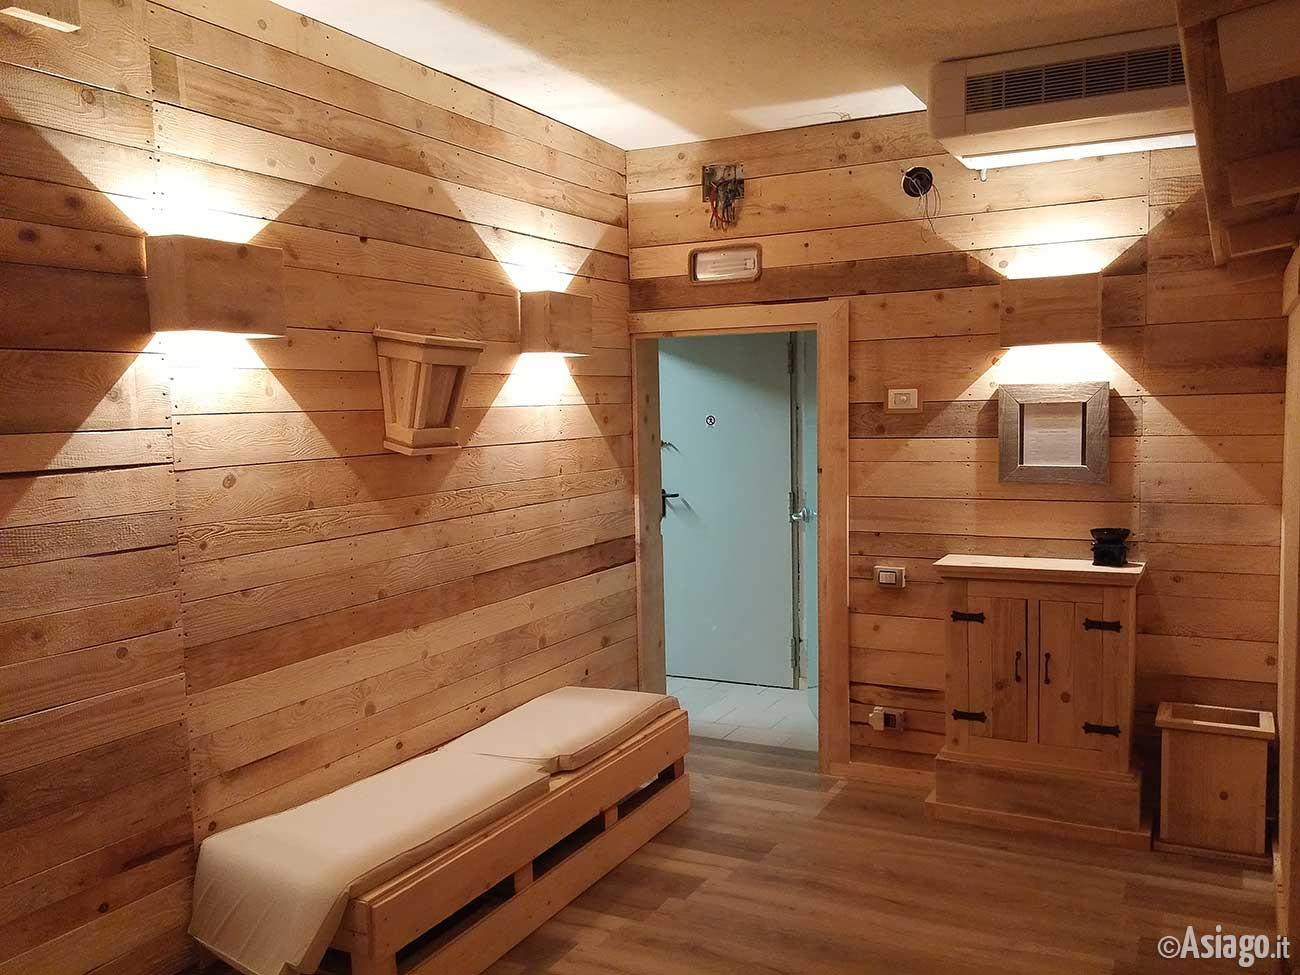 La migliore Sauna Casa Prezzi Idee e immagini di ispirazione  ezsrc.com Trova immagini, idee e ...